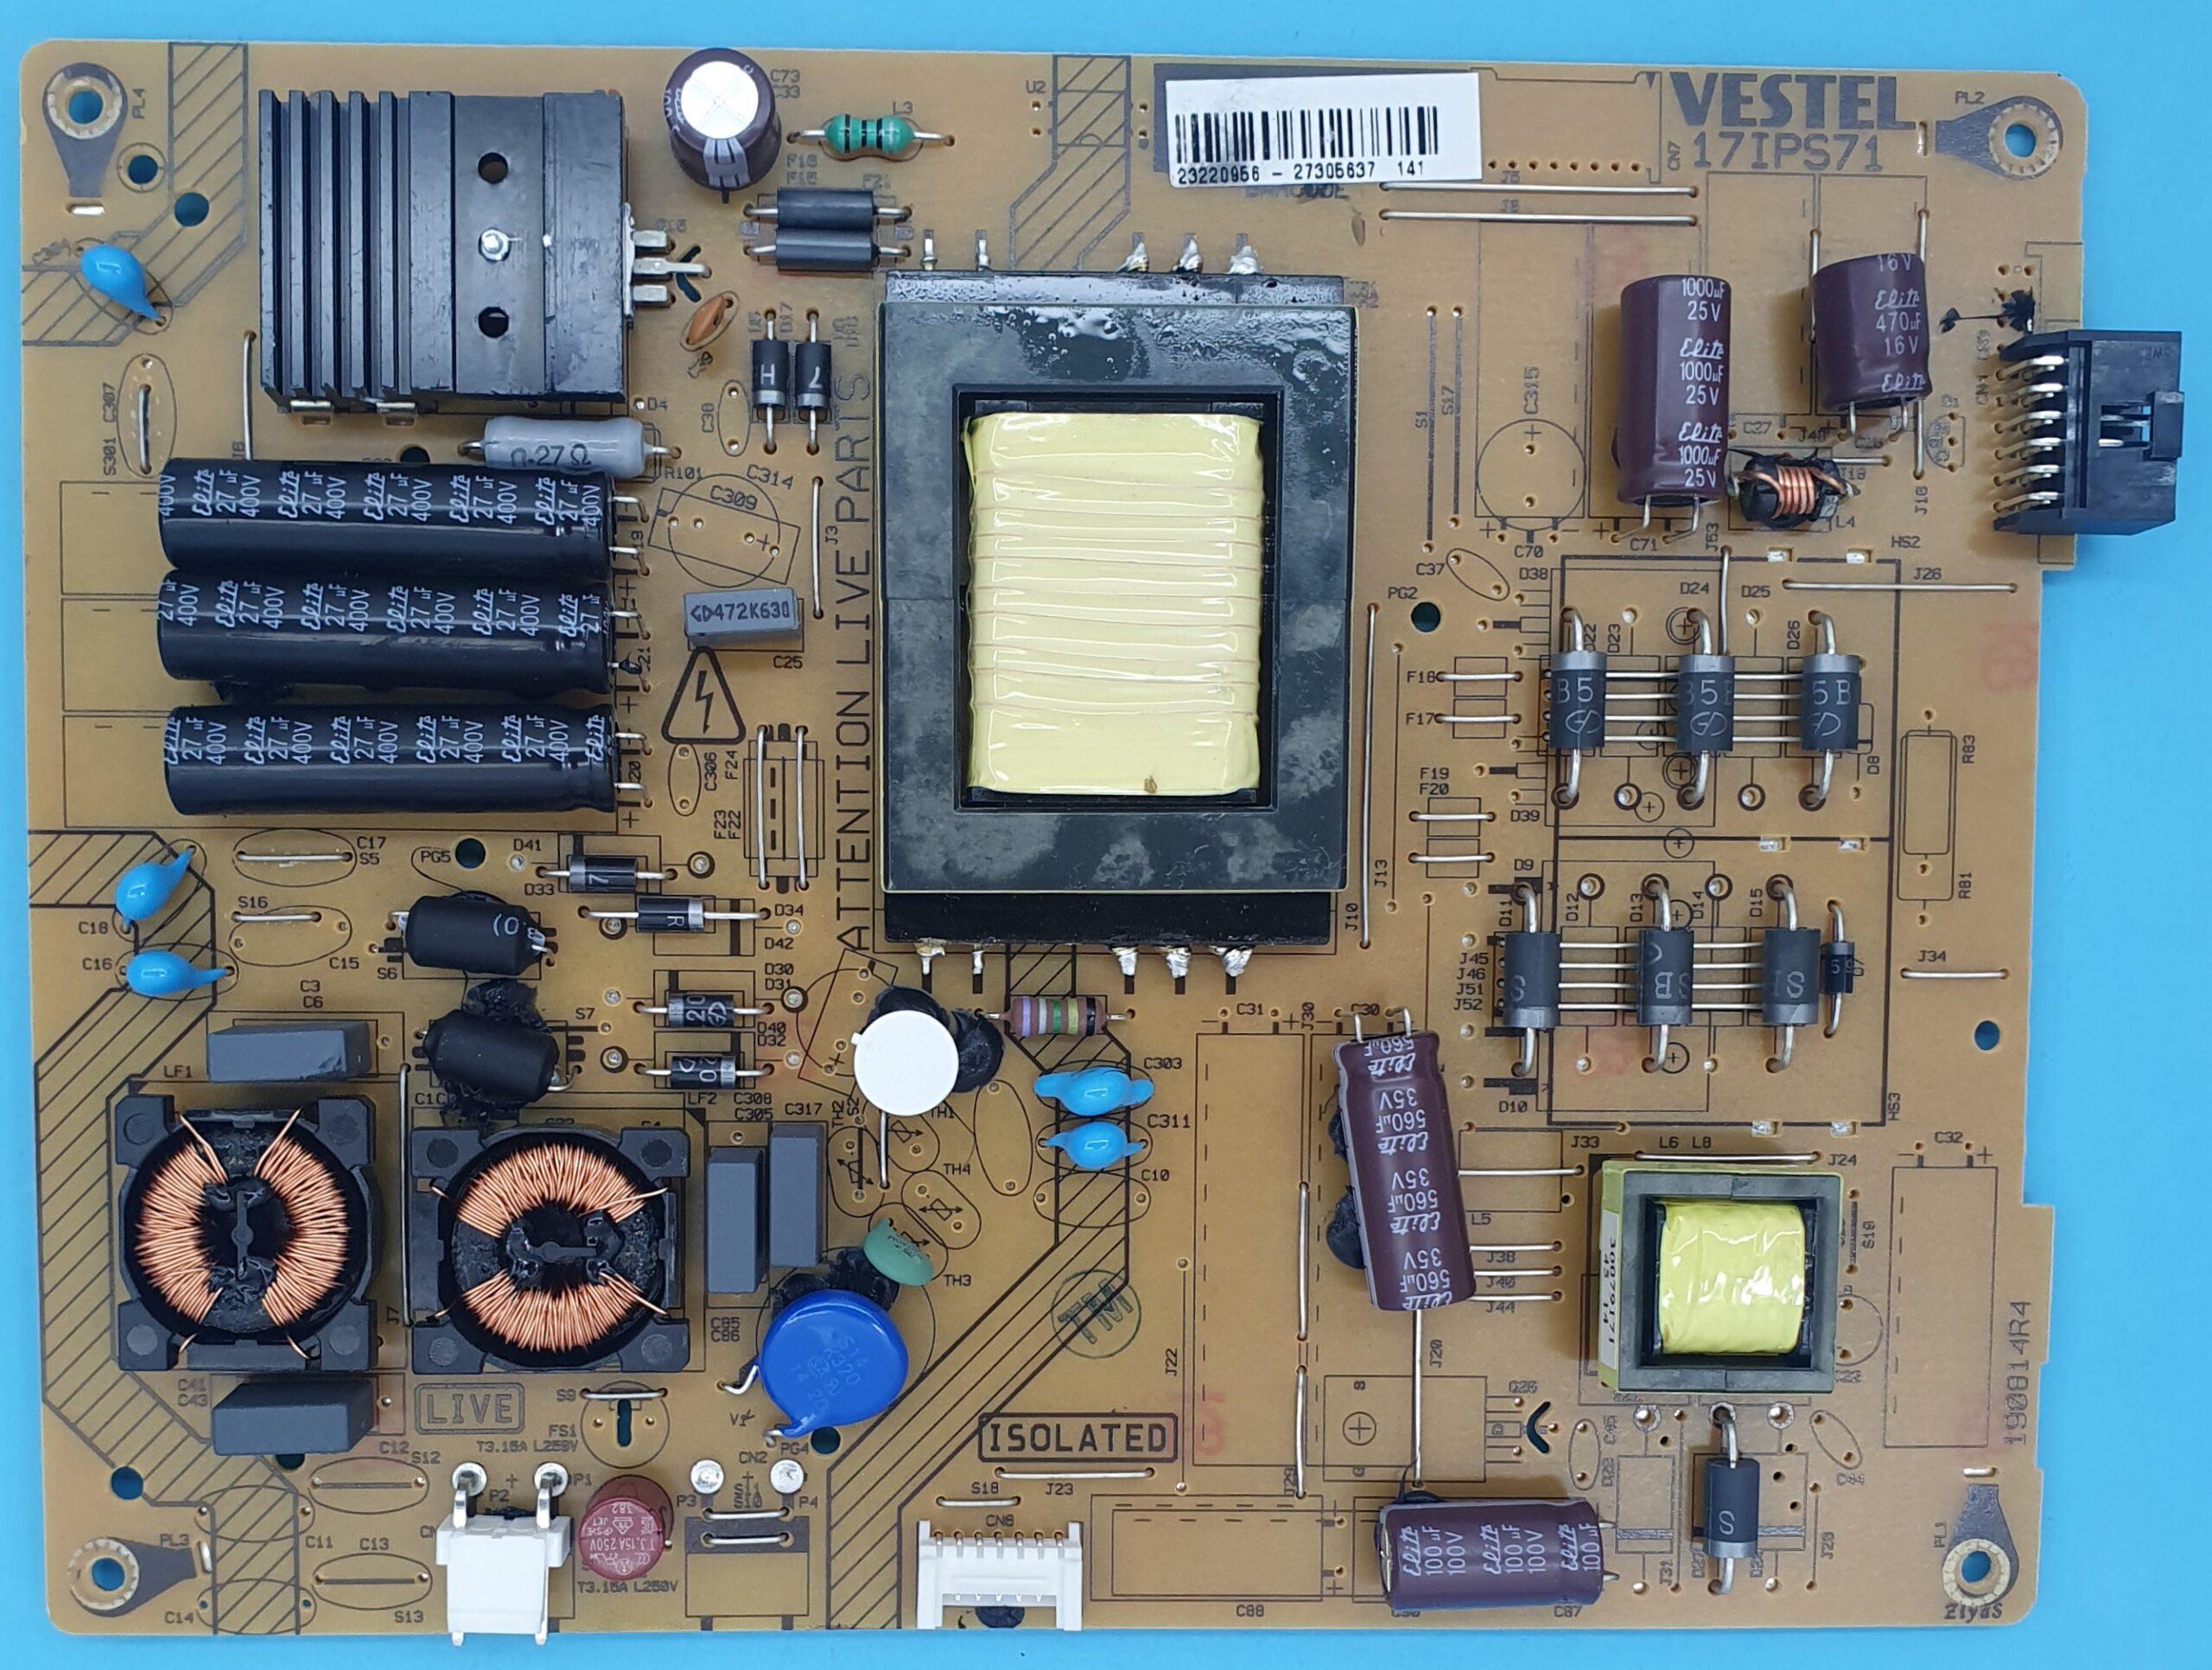 17IPS71,23220956 Vestel Power (KDV DAHİL = 150 TL)